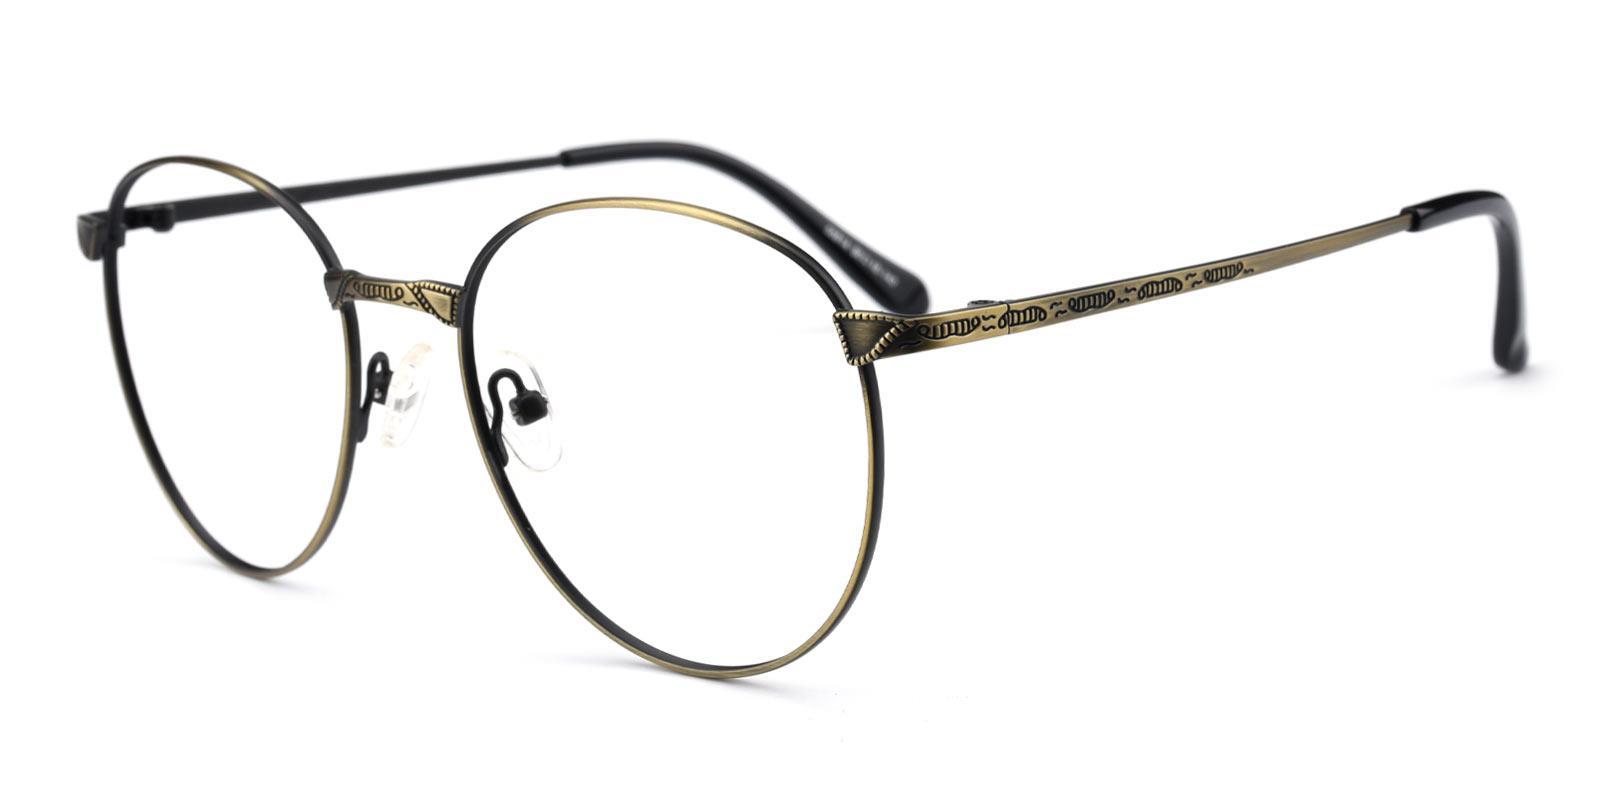 Camp-Gold-Round-Metal-Eyeglasses-detail